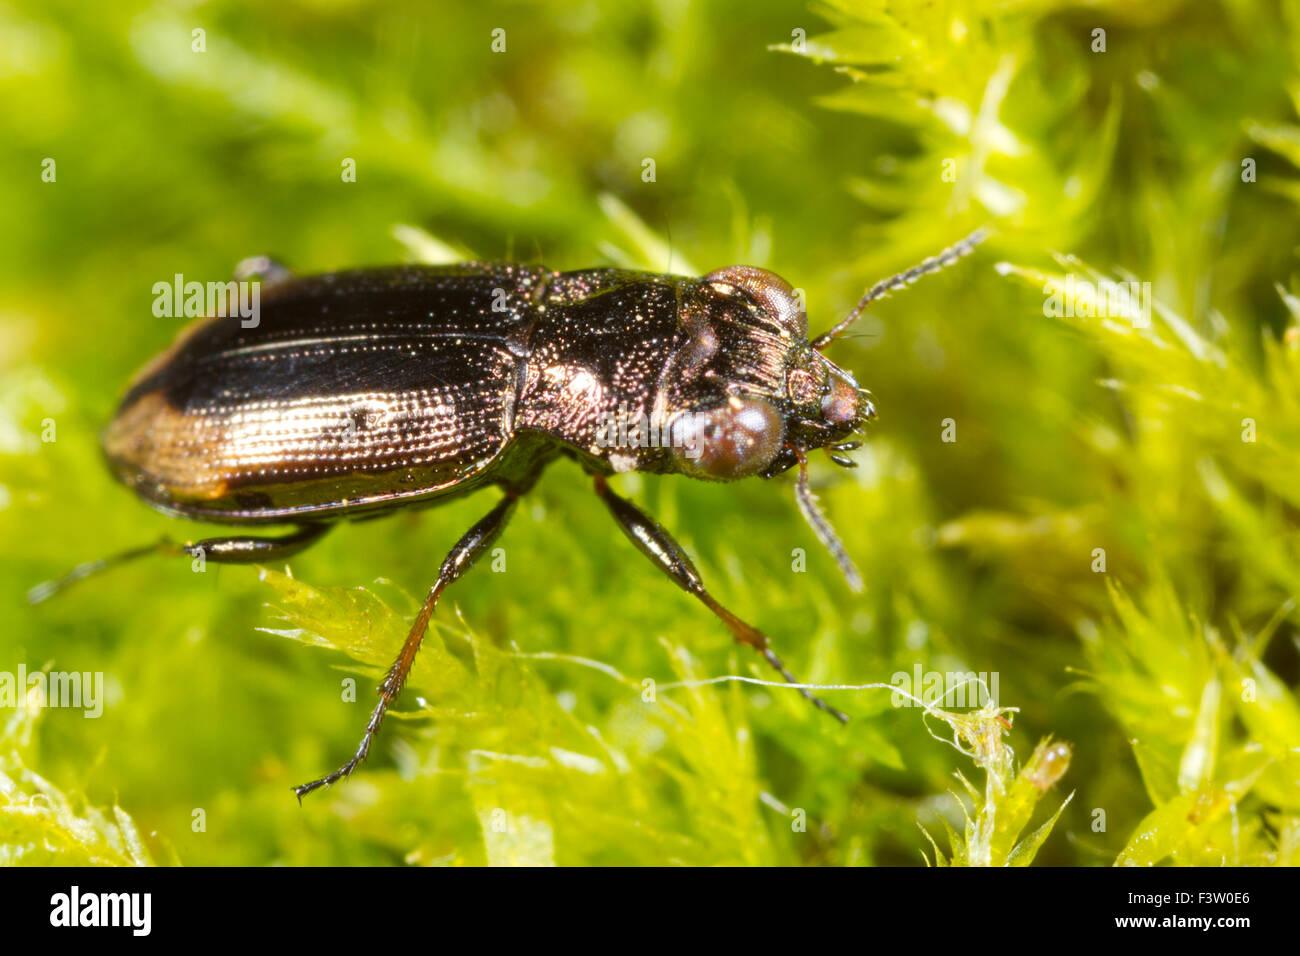 Big-eyed bronce escarabajo de tierra (Notiophilus biguttatus) entre el musgo. Powys, Gales. De mayo. Imagen De Stock